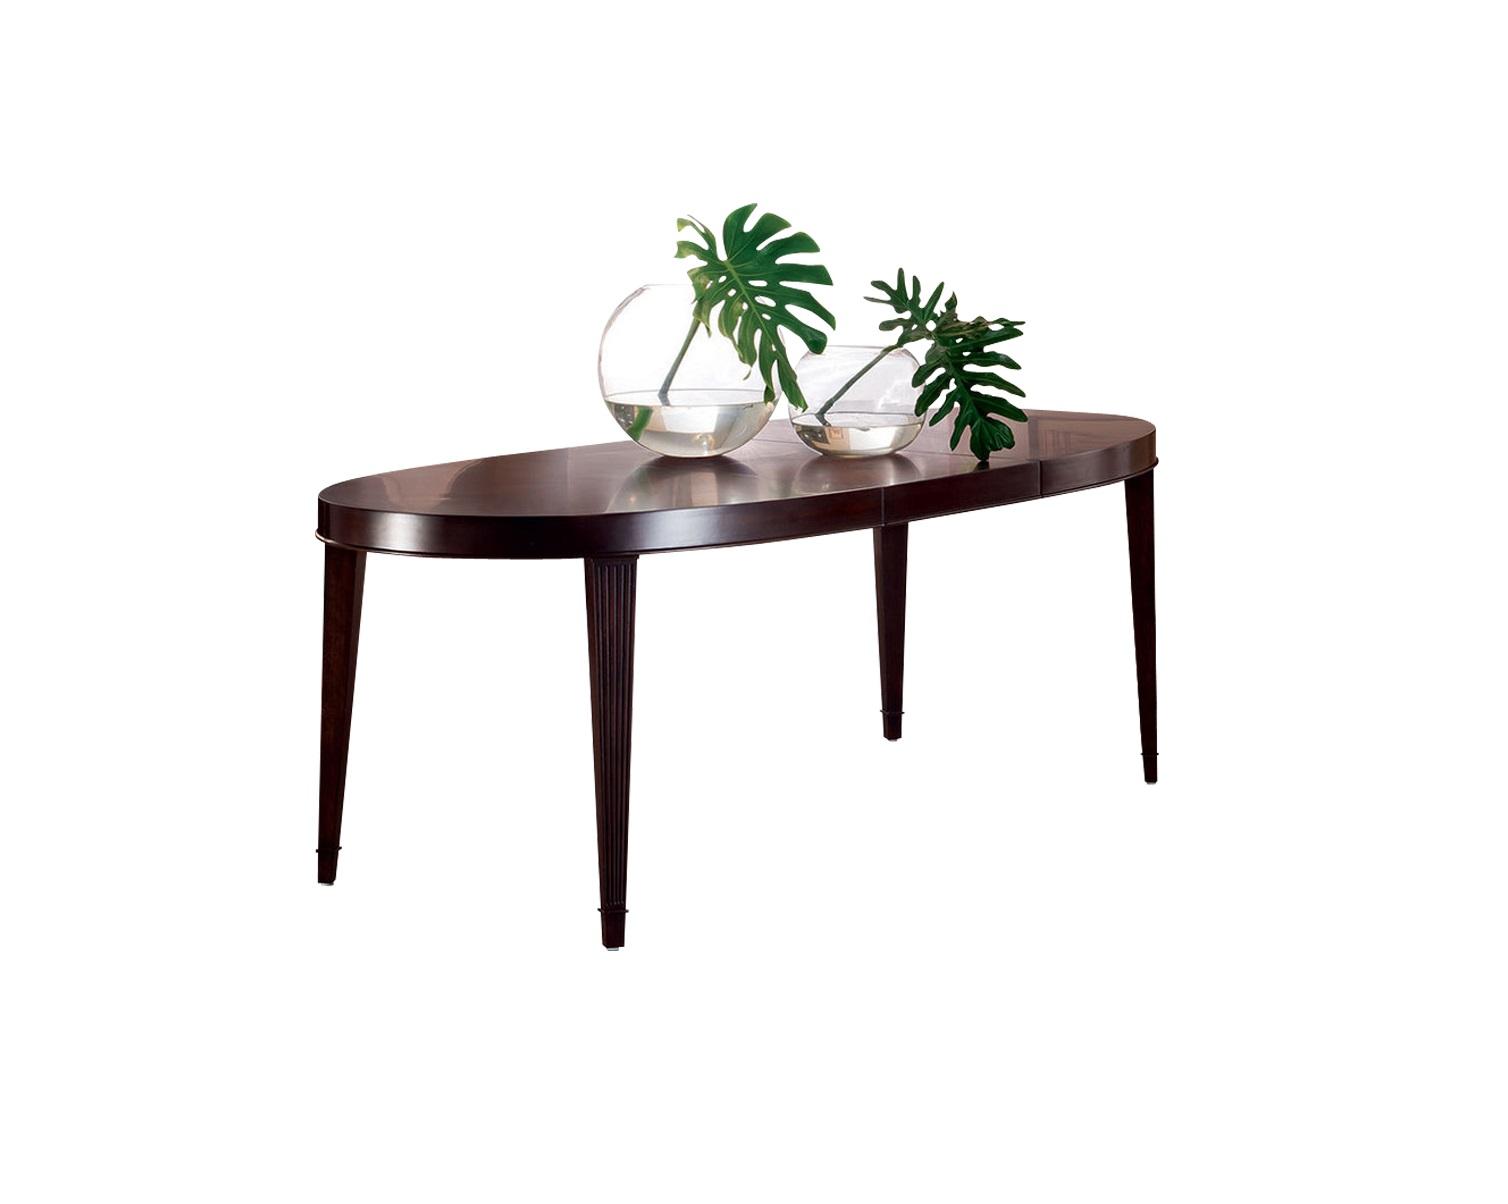 Раздвижной стол MestreОбеденные столы<br>Обеденный раздвижной стол из красного дерева. Благородный темный оттенок и утонченный дизайн делают его изящным, что позволяет стать главным украшением столовой.&amp;lt;div&amp;gt;&amp;amp;nbsp;&amp;lt;/div&amp;gt;&amp;lt;div&amp;gt;За счет раздвижной панели, длина стола увеличивается на 50 см.&amp;lt;/div&amp;gt;<br><br>Material: Дерево<br>Ширина см: 180<br>Высота см: 76<br>Глубина см: 110